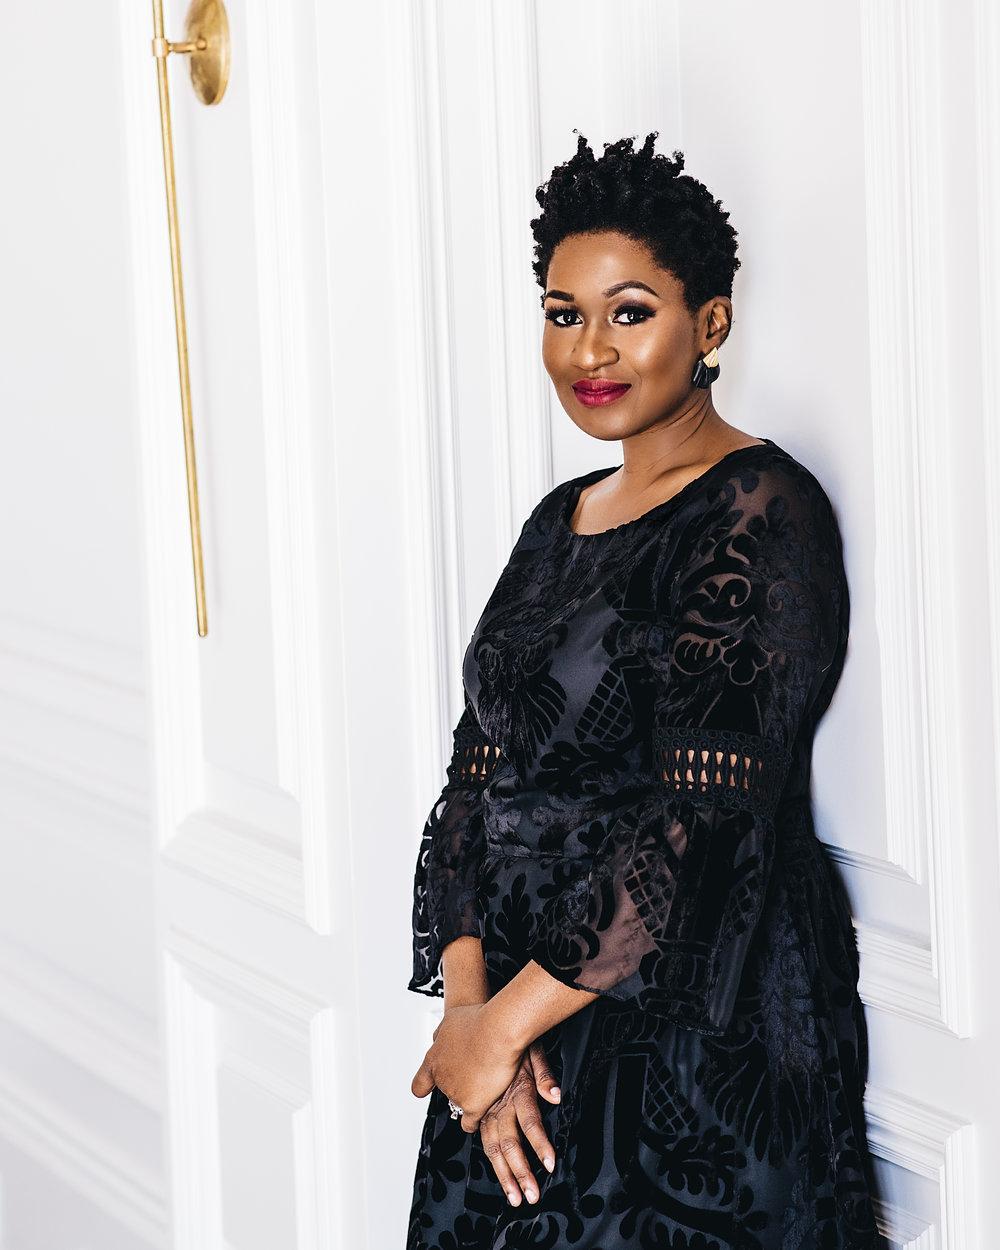 Jacqueline Nwobu